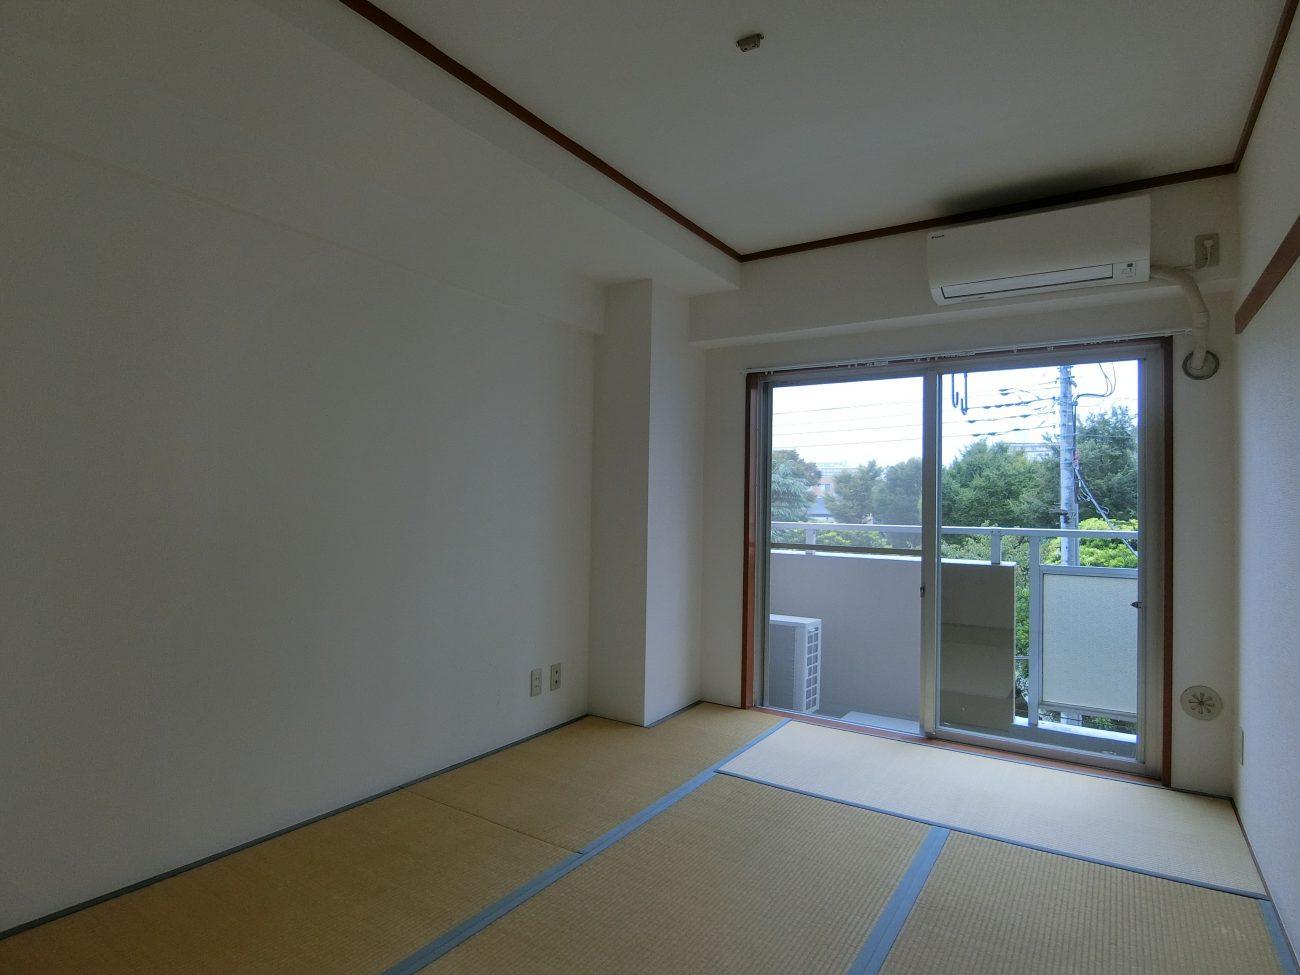 綾瀬 築30年の45m2 2DKをリモートワーク用書斎リノベで賃料2万円アップ、完成前申し込みの画像